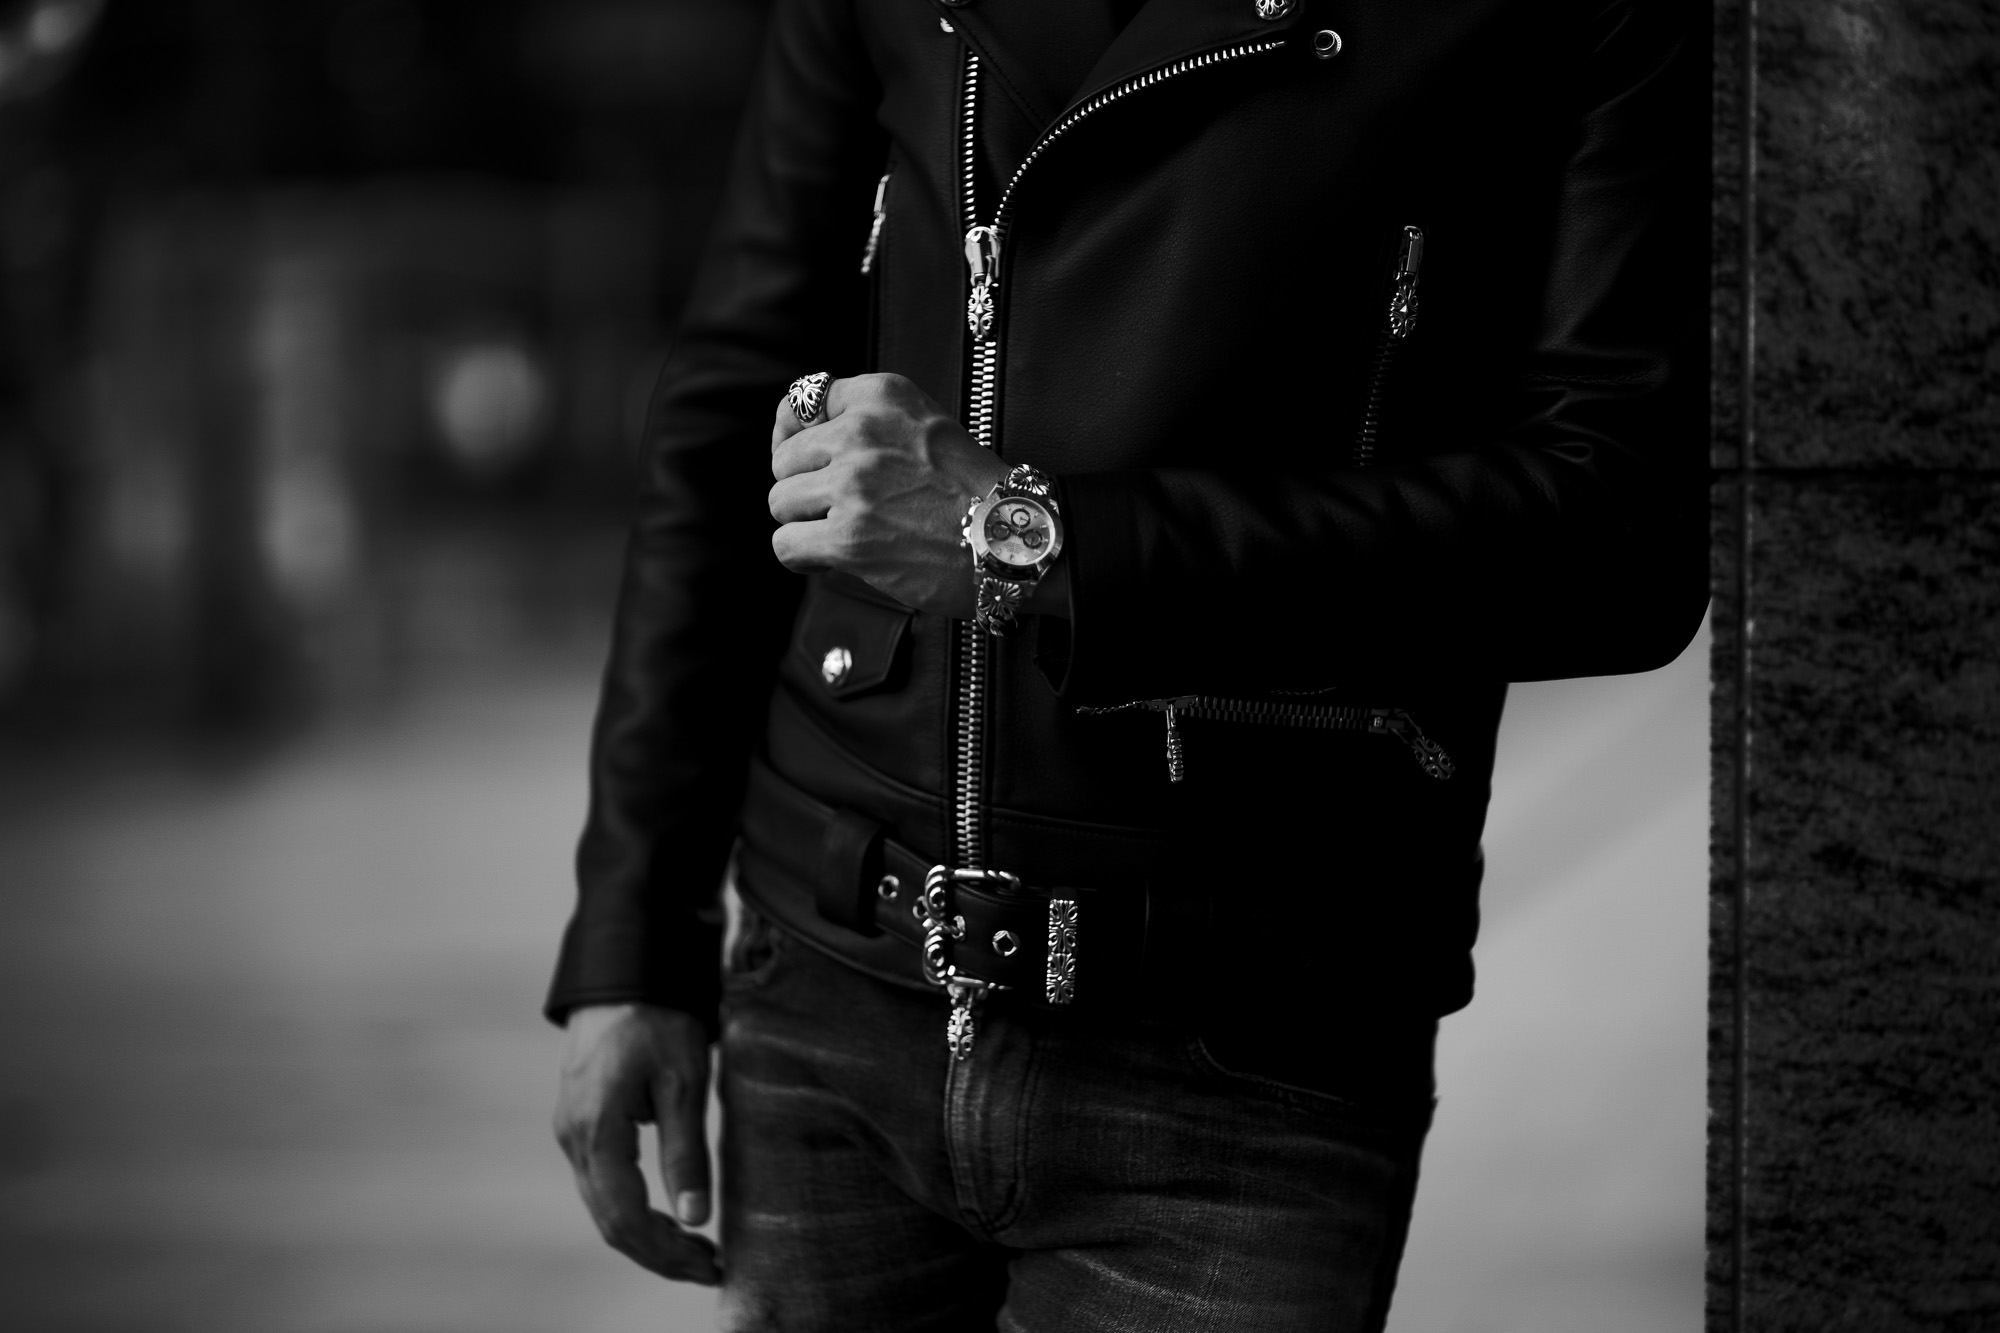 Balvenie Wilhelm No.01 DOUBLE RIDERS 925 SILVER【Special Model】バルヴェニー ヴィルヘルム ナンバーゼロワン ダブルライダース 95シルバー スペシャルモデル 愛知 名古屋 Alto e Diritto altoediritto アルトエデリット レザージャケット ライダースジャケット CHROMEHEARTS クロムハーツ レザー